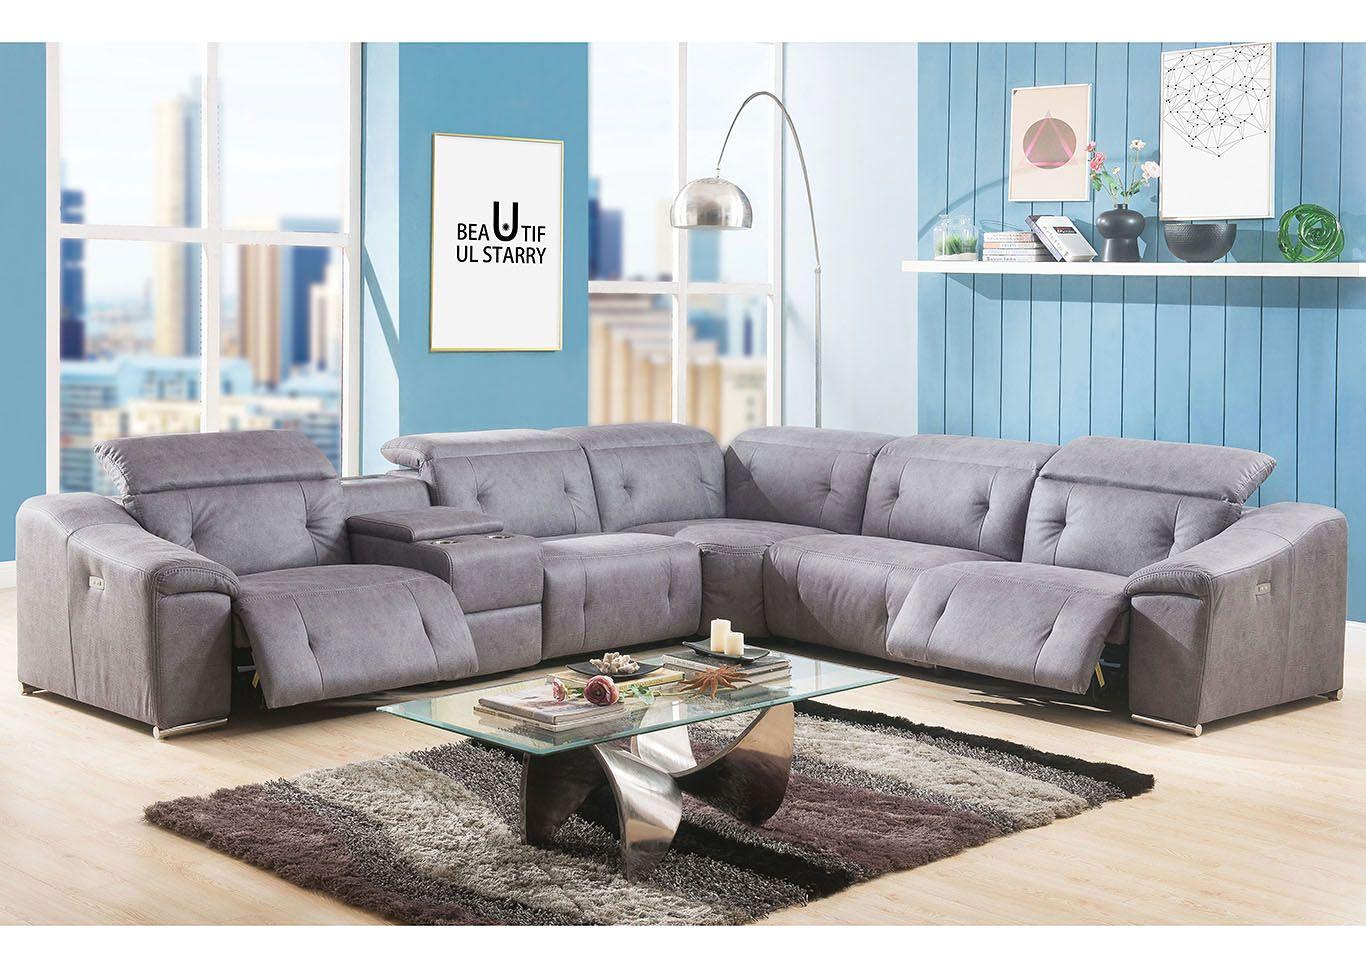 Hosta Gray Microfiber Sectional Sofa | Designing Our Dream ...